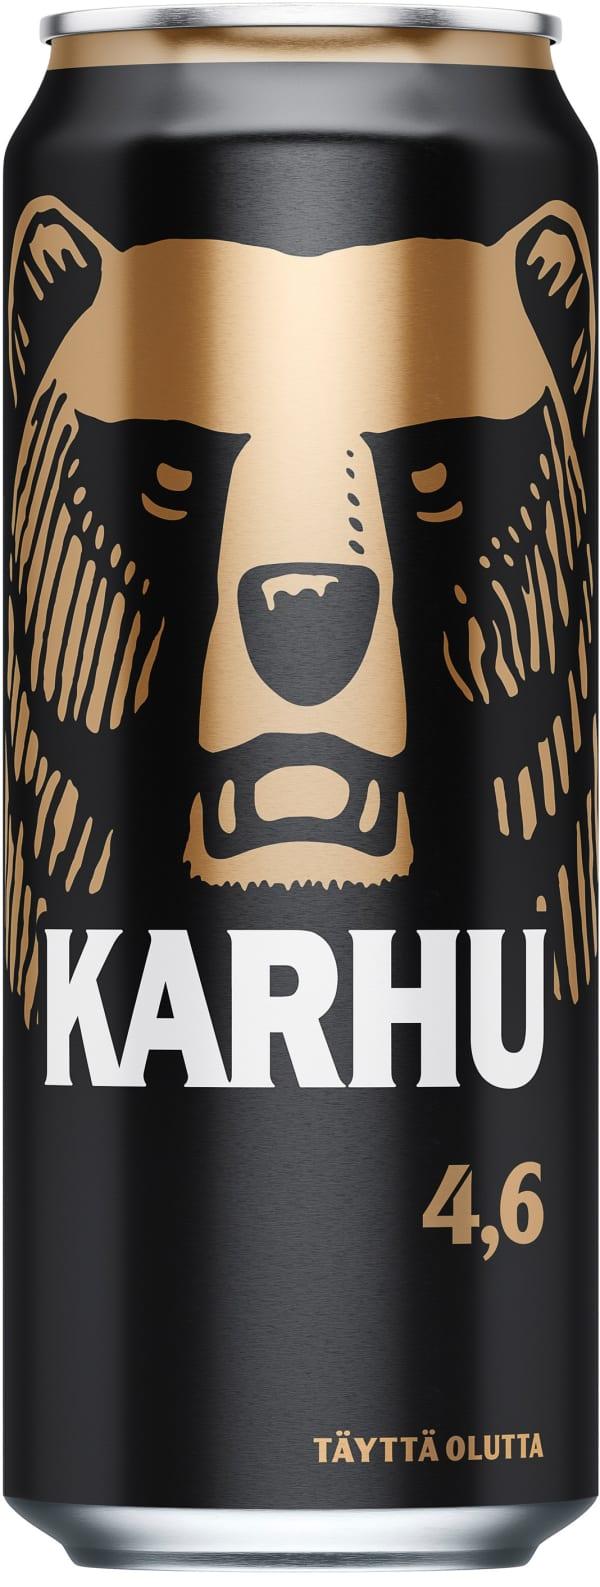 Karhu III can